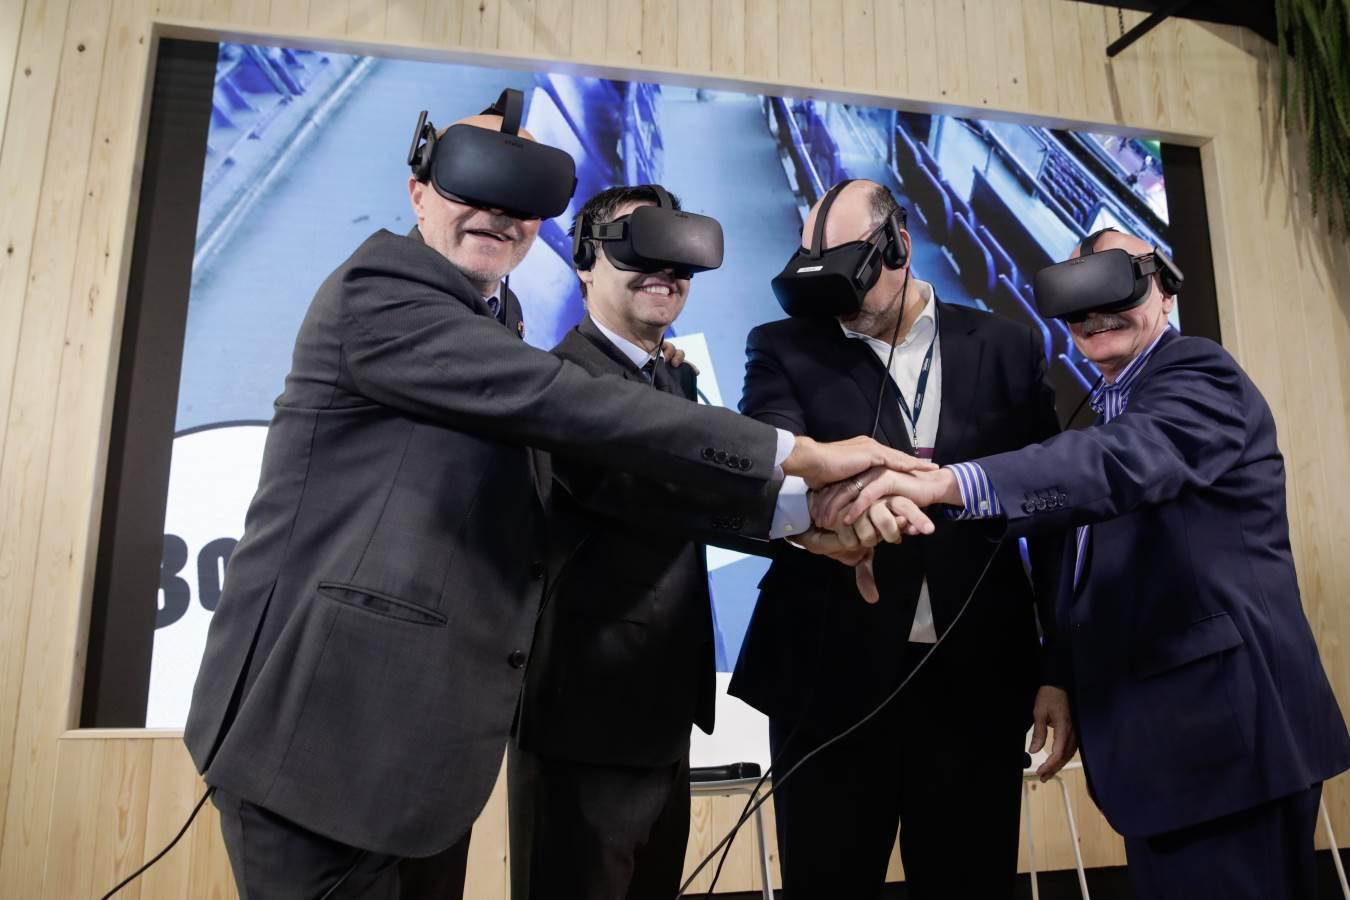 巴萨携手西班牙电信公司,将诺坎普打造为欧洲首个覆盖5G网络的球场